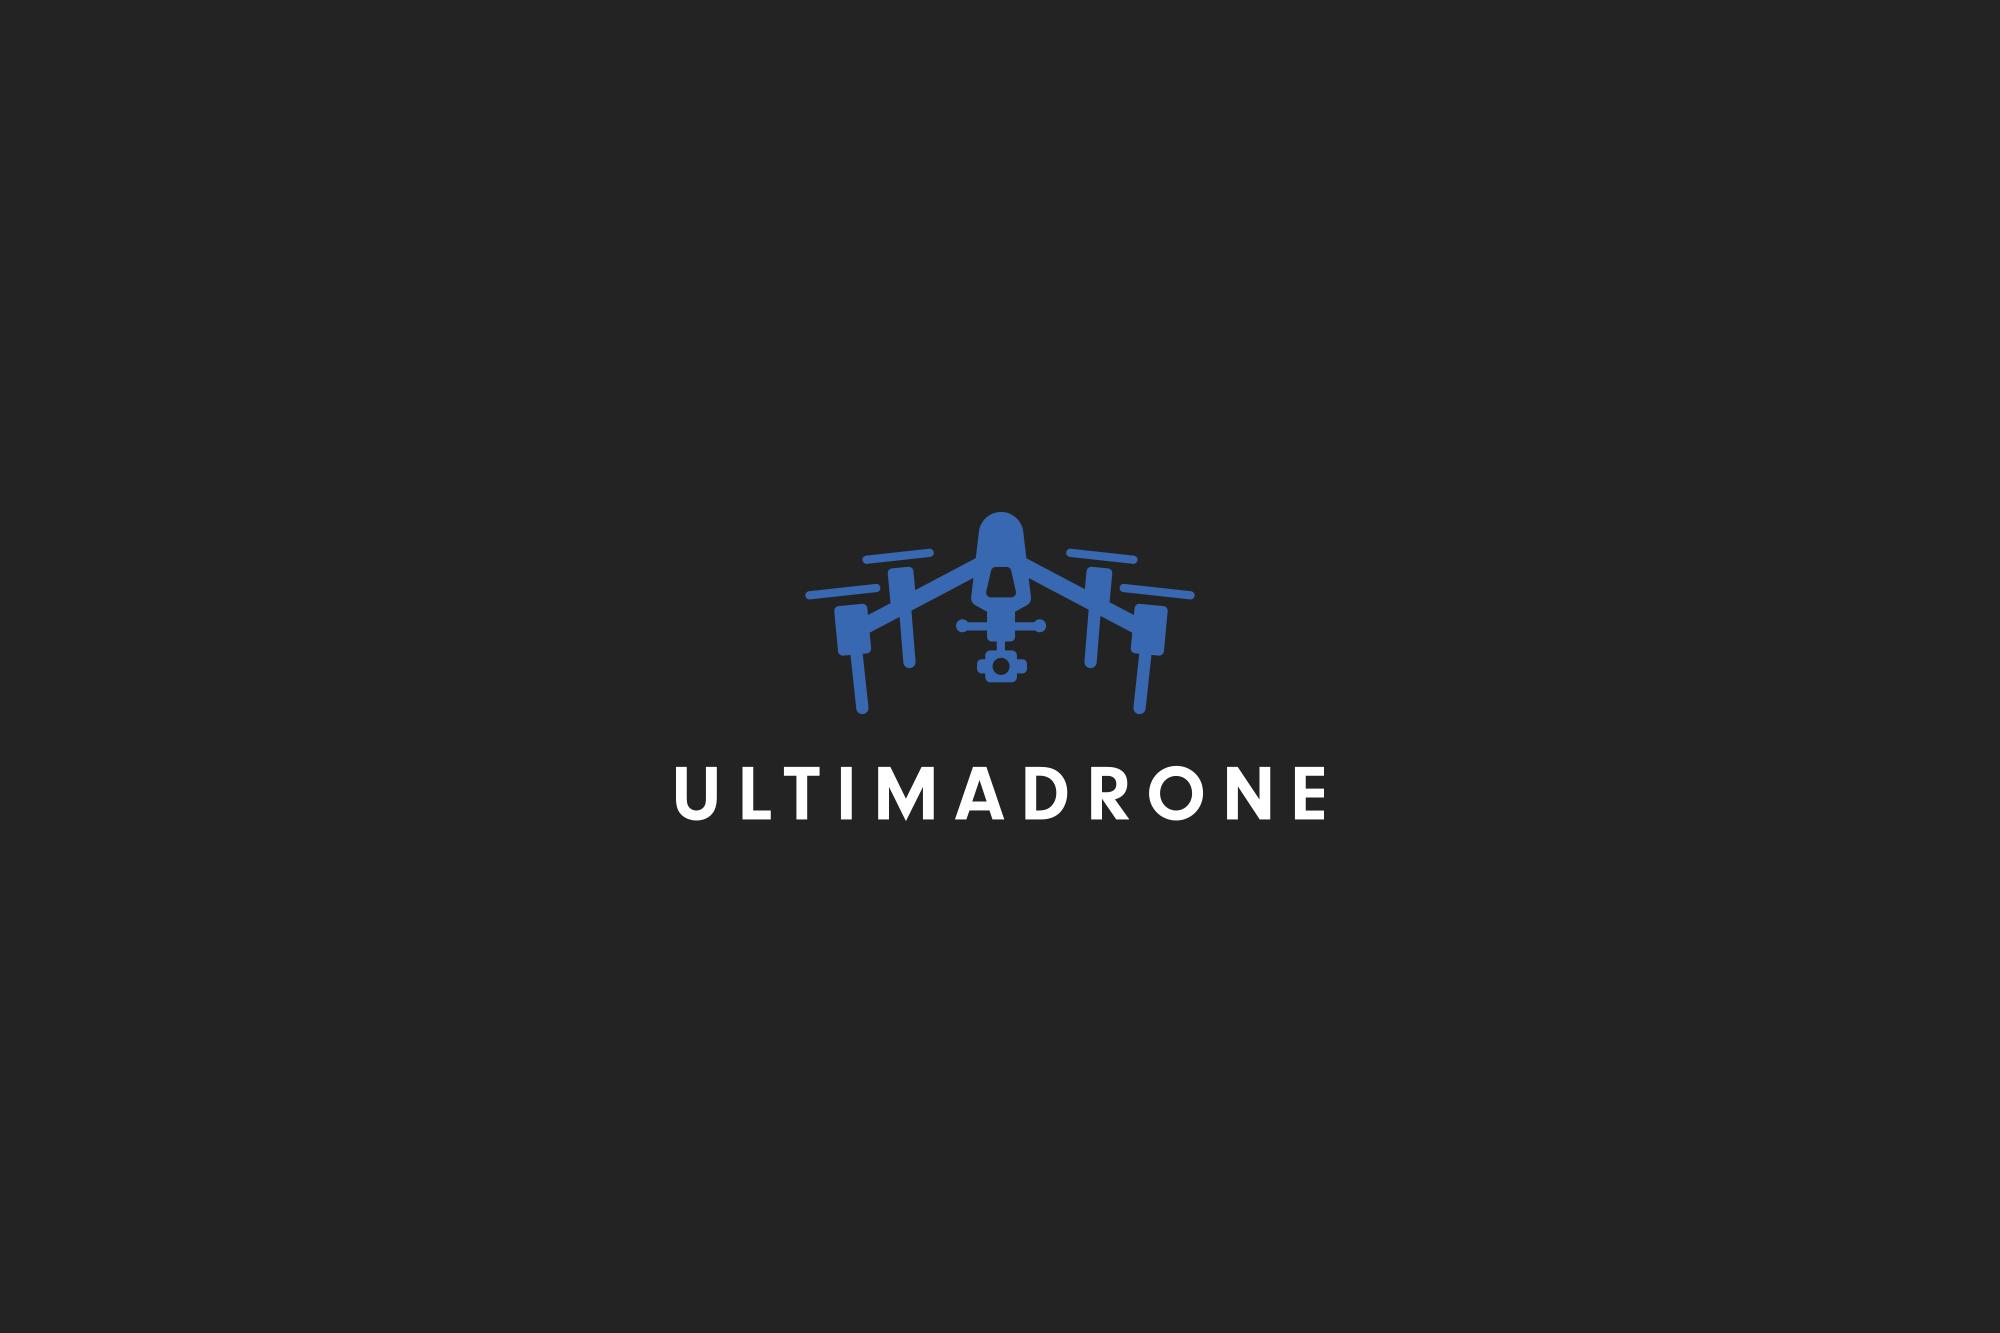 isabela-freire-atellani-ultimadrone-brand